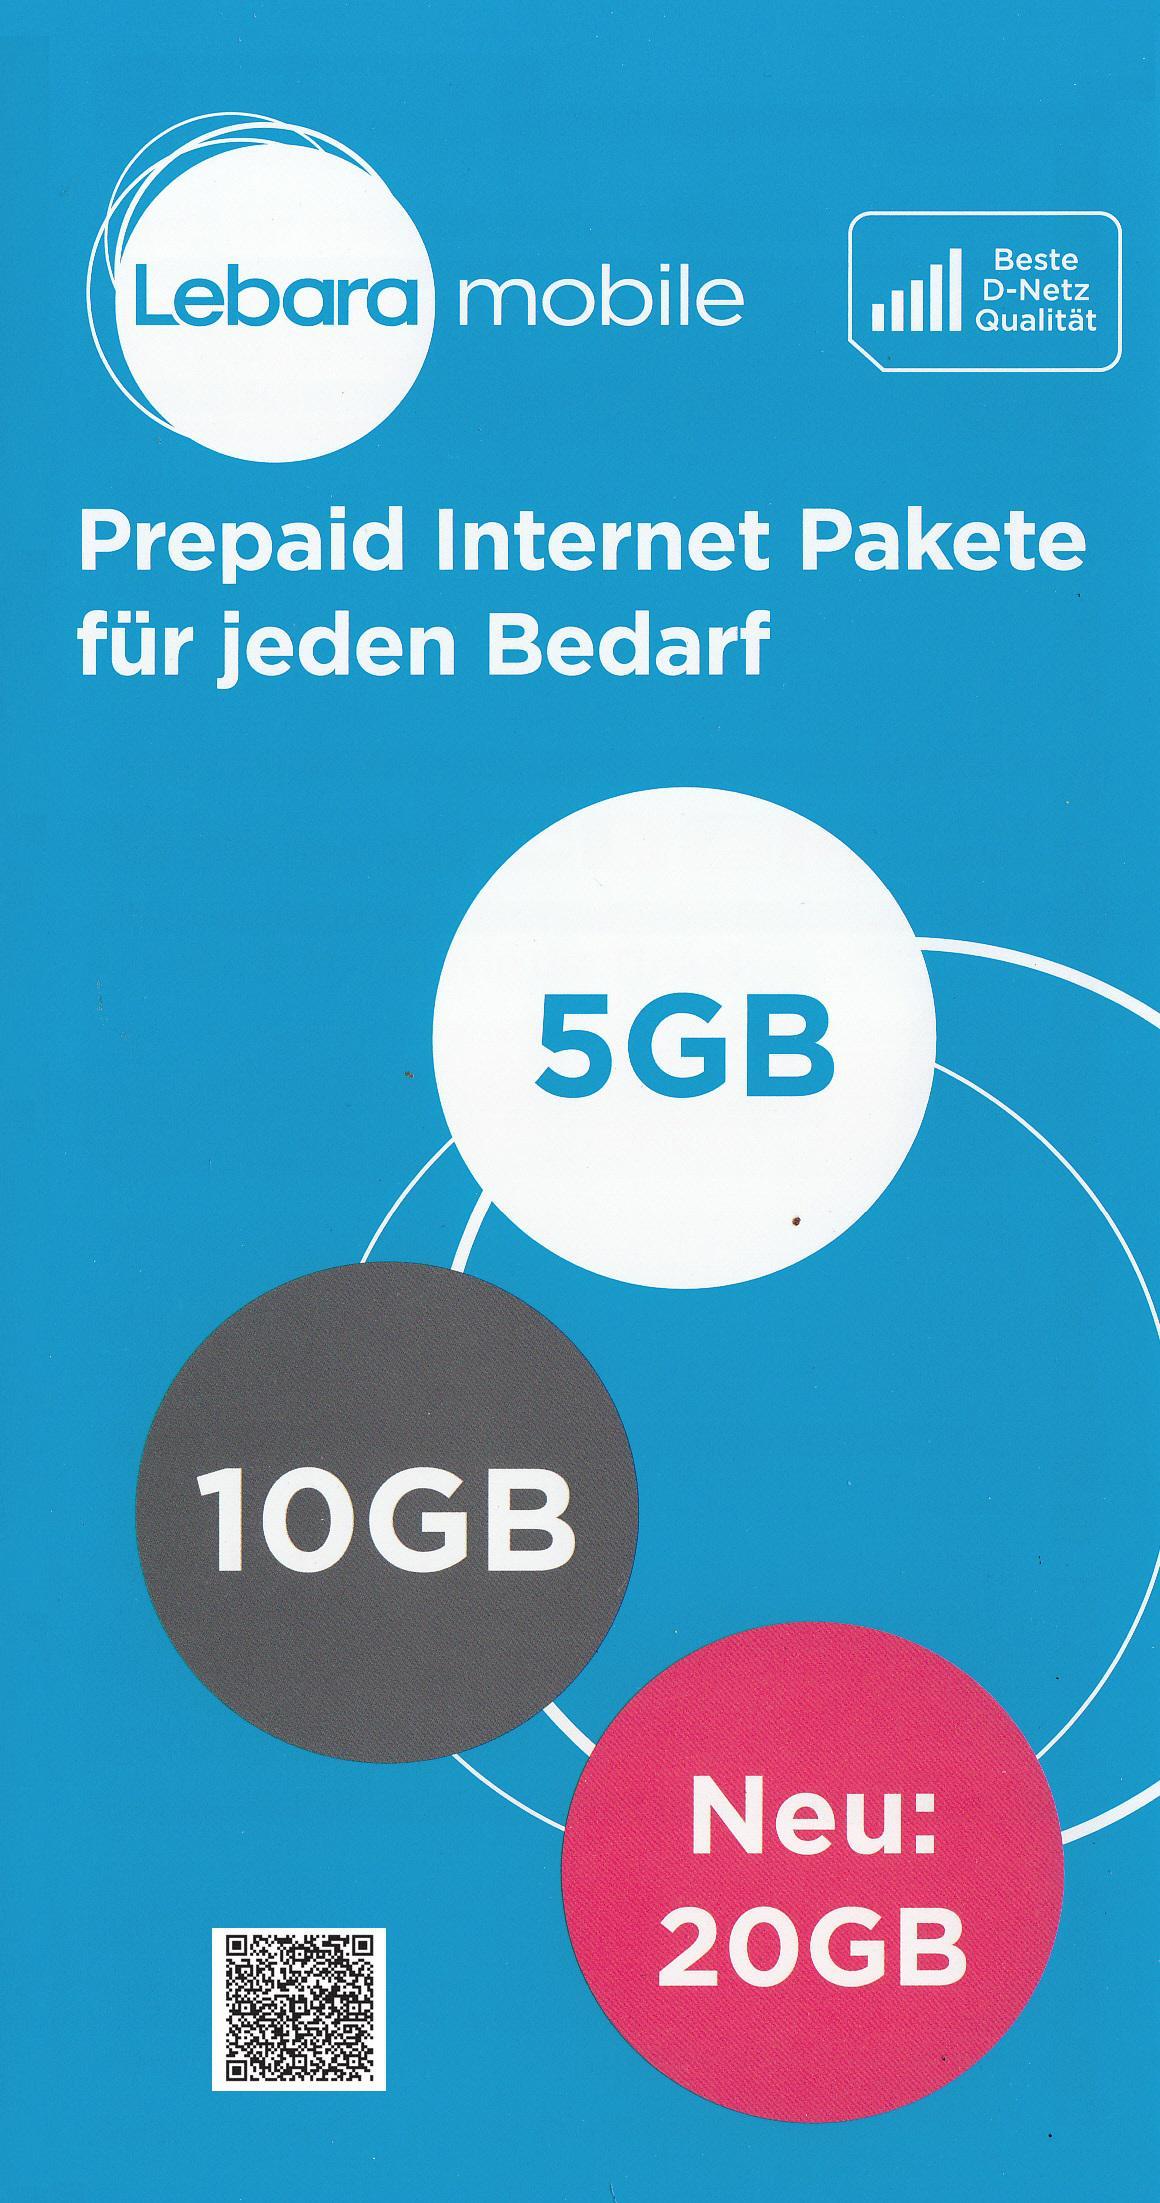 Prepaid Karte Internet.Prepaid Karte Mit Bis 50 Gb Internet Kostenfrei Telefonieren In D Netz Qualität